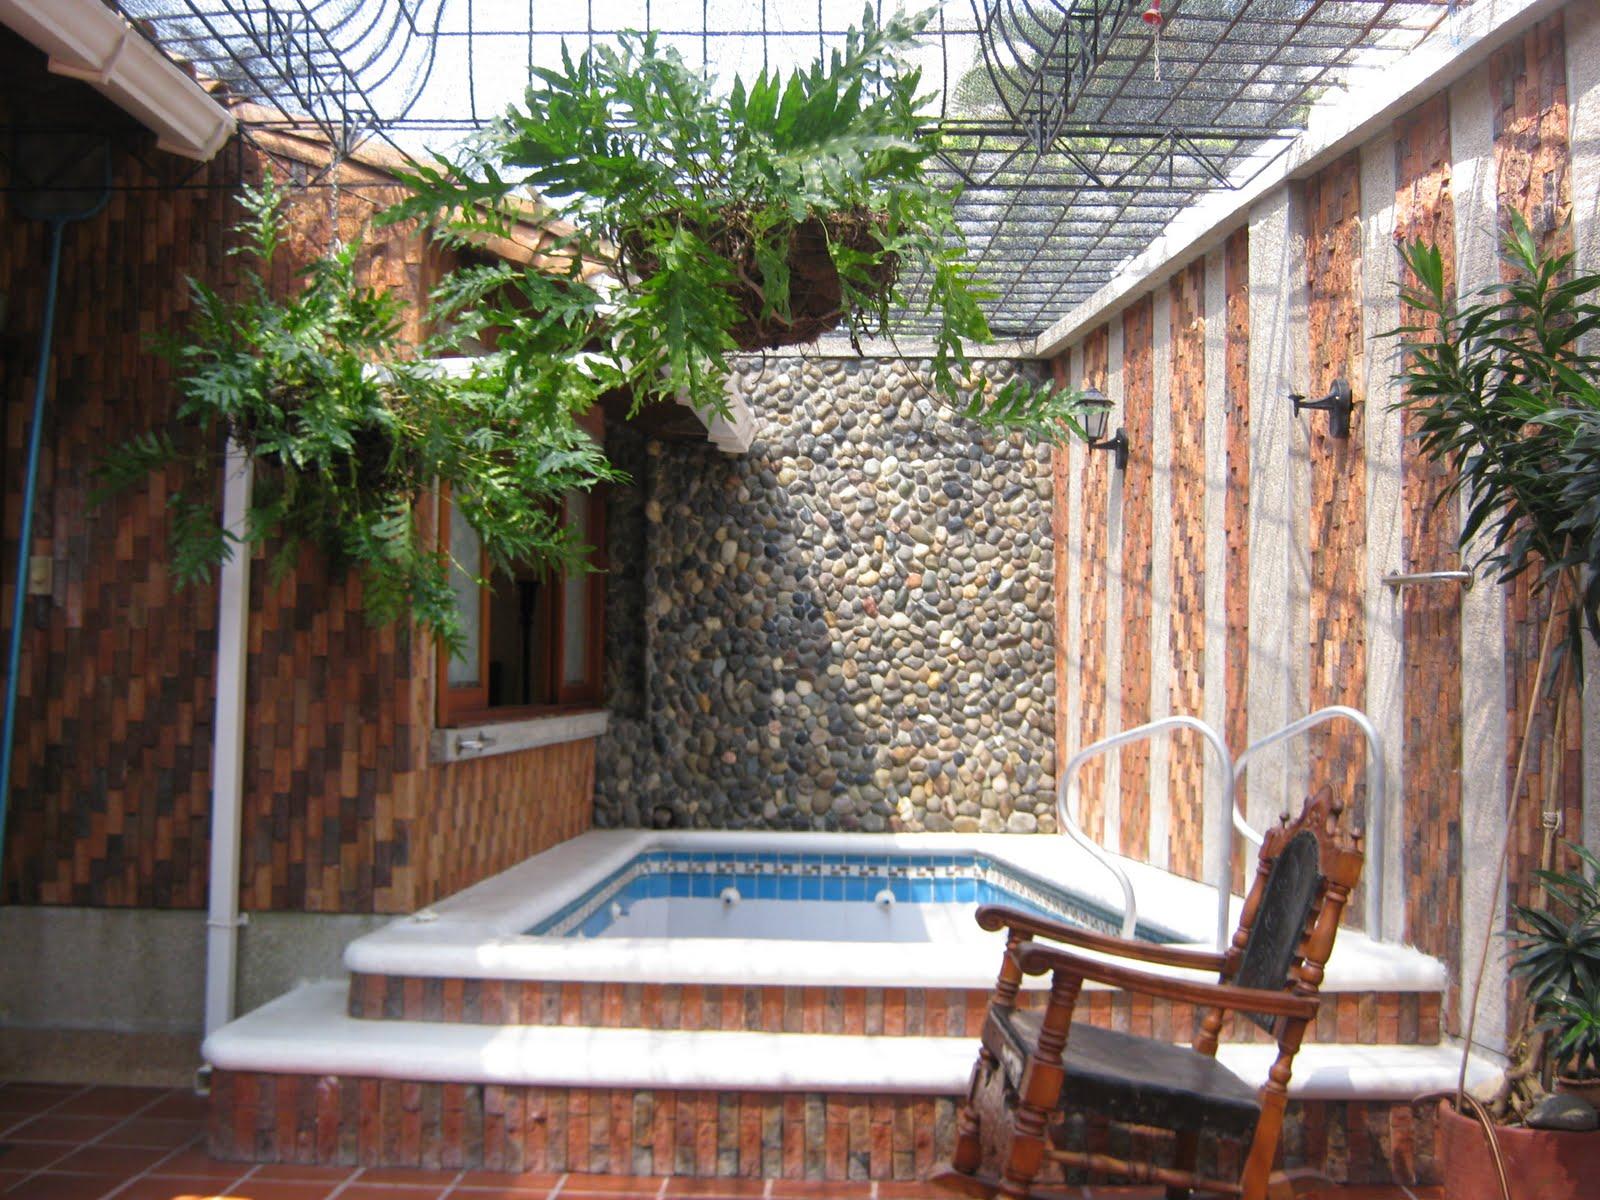 Casas apartamentos y mucho mas en sincelejo hermosa - Terraza con jacuzzi ...